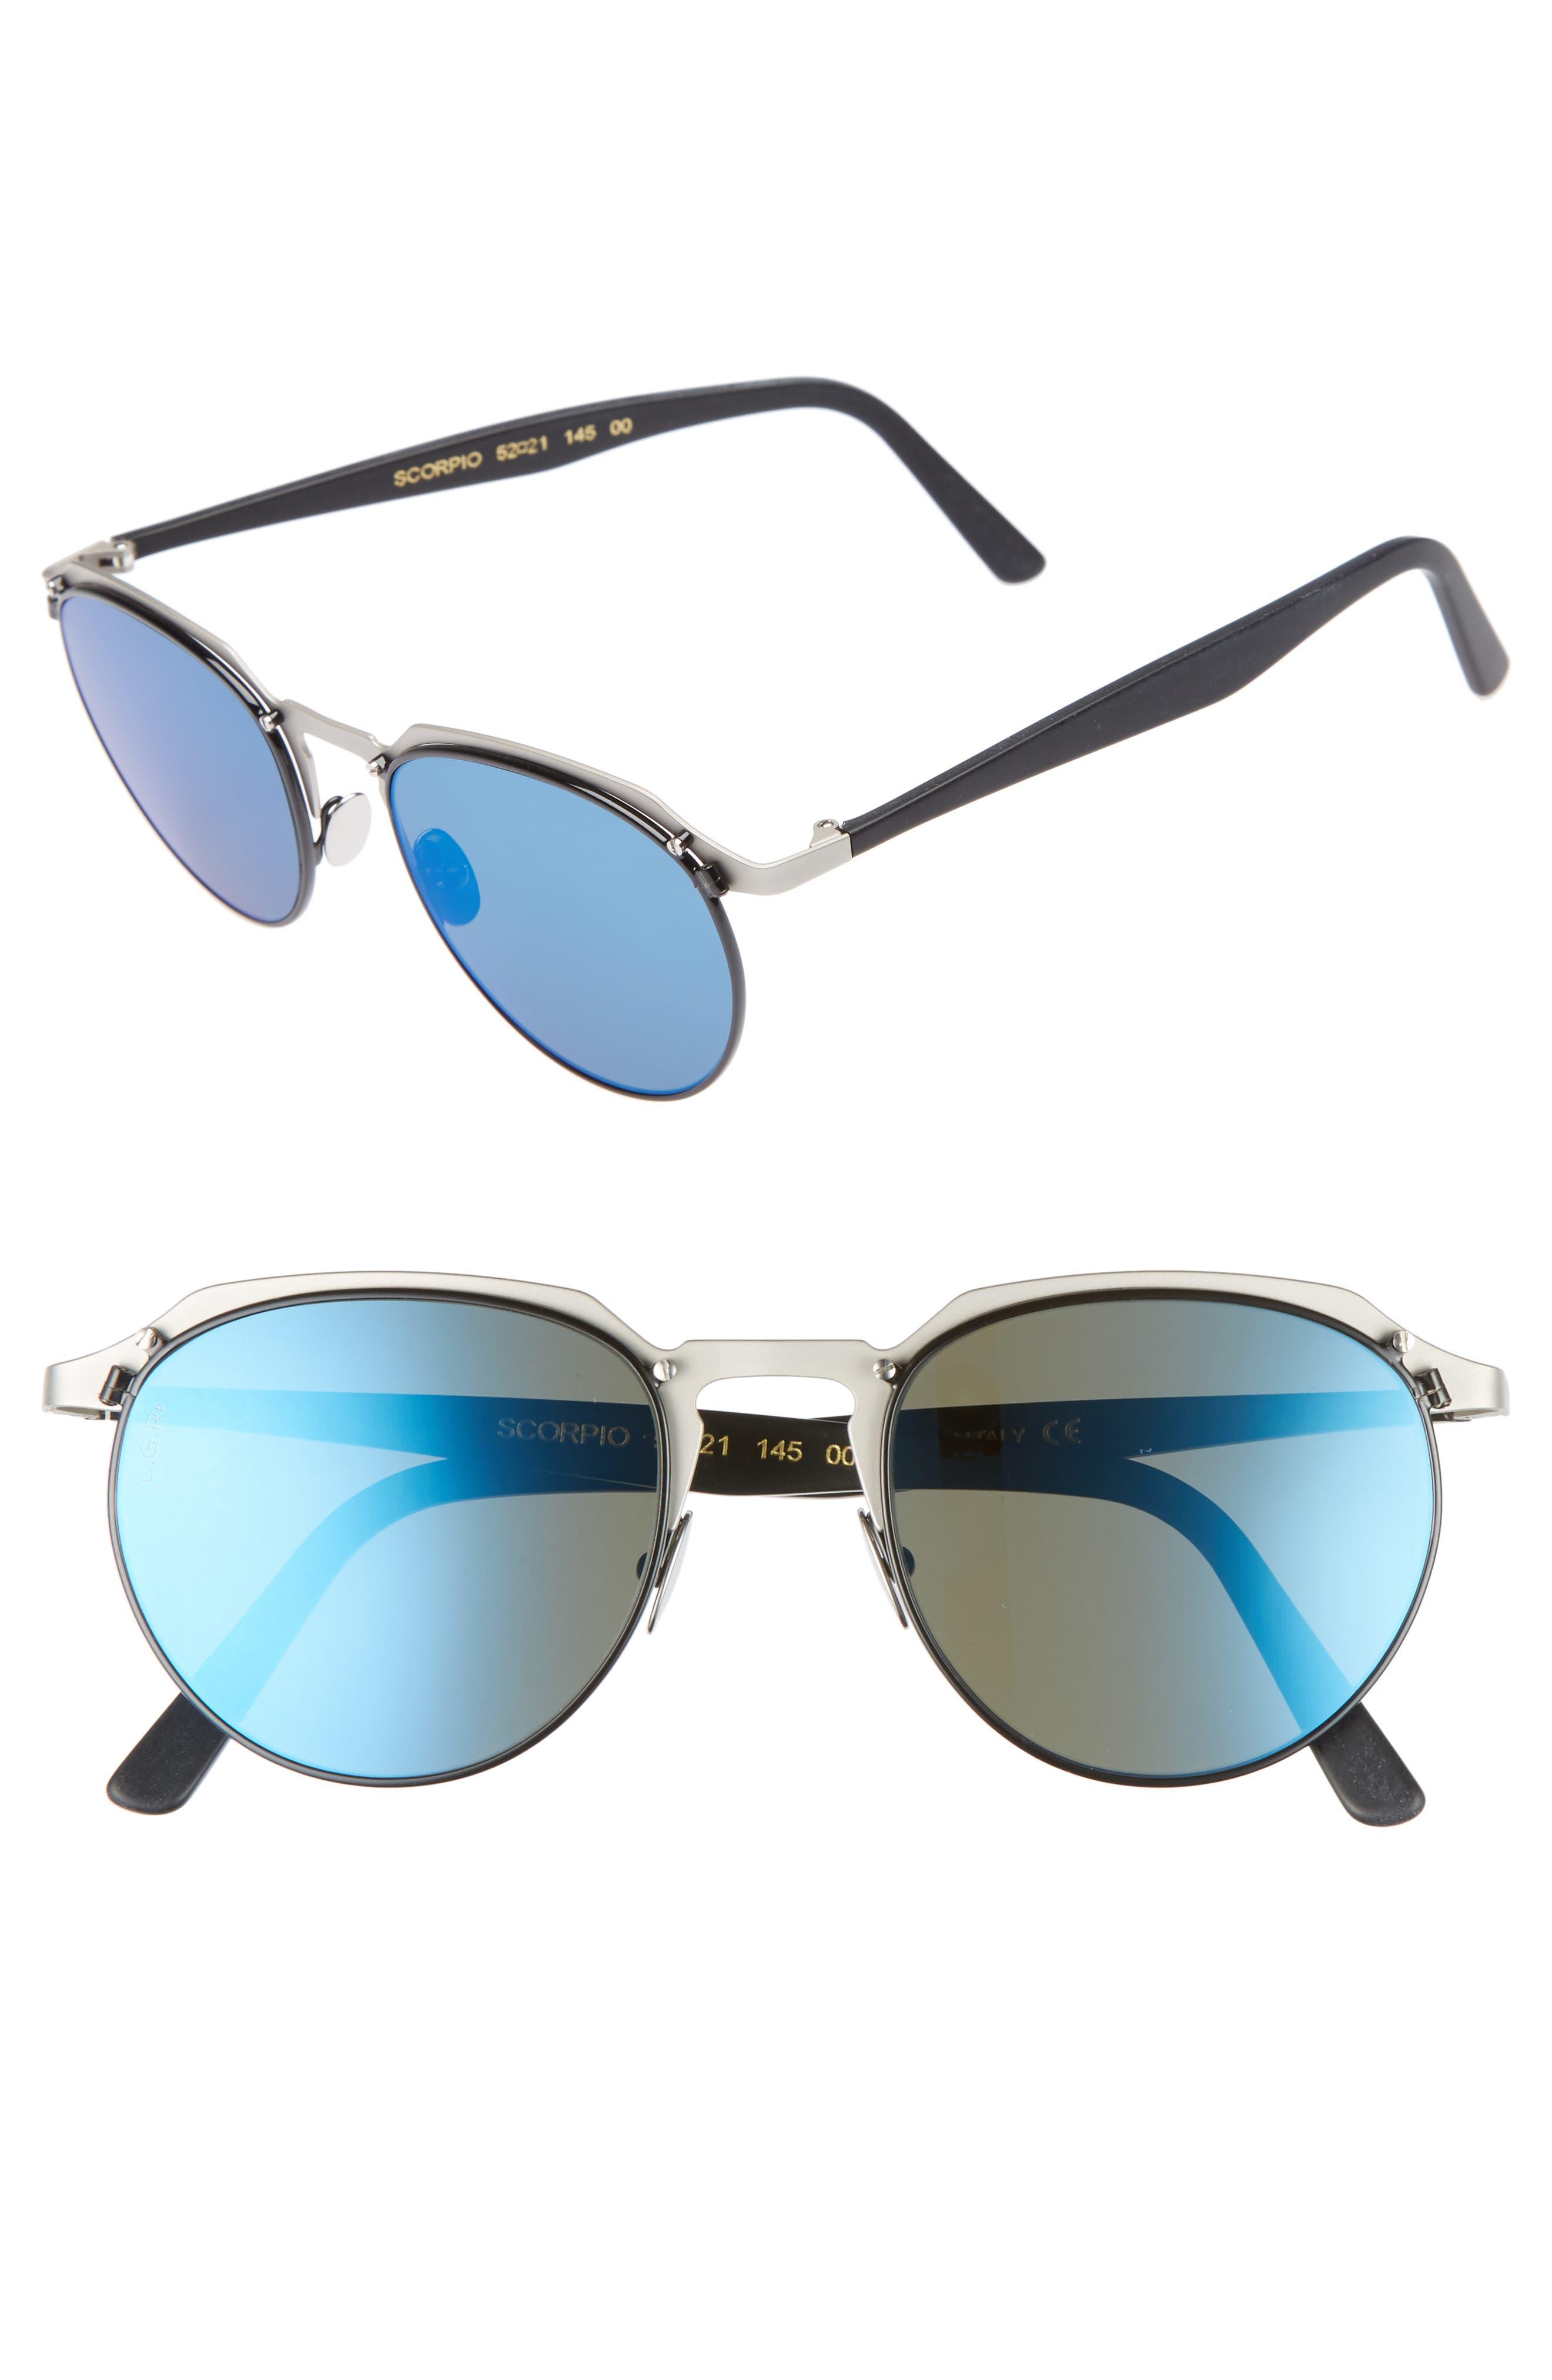 Scorpio 52mm Polarized Sunglasses,                         Main,                         color, Matte Grey/ Blue Mirror